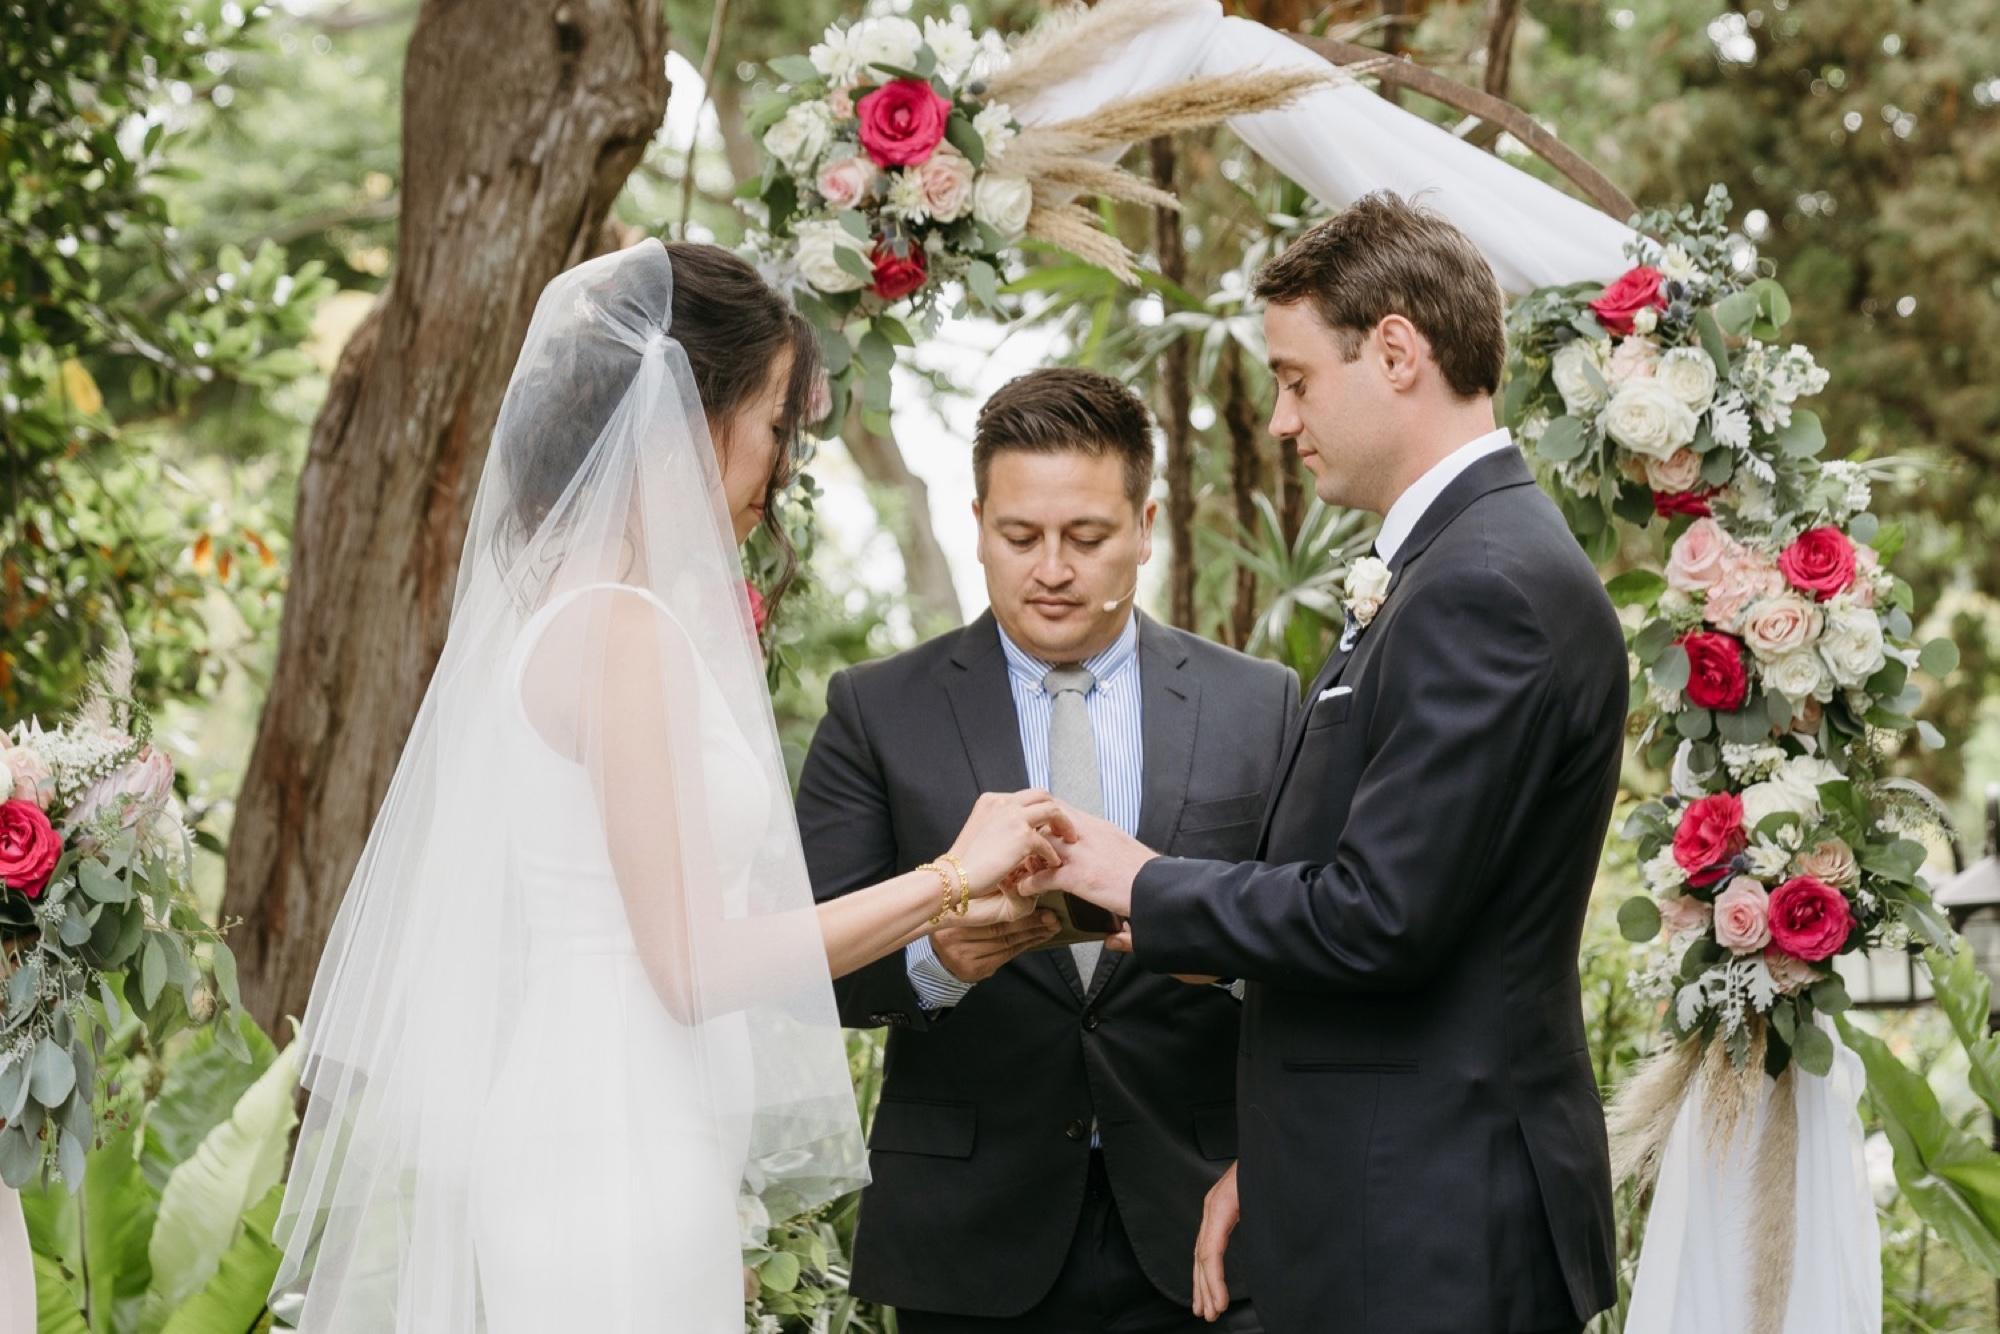 037_Shawna and Steve's Wedding-214.jpg